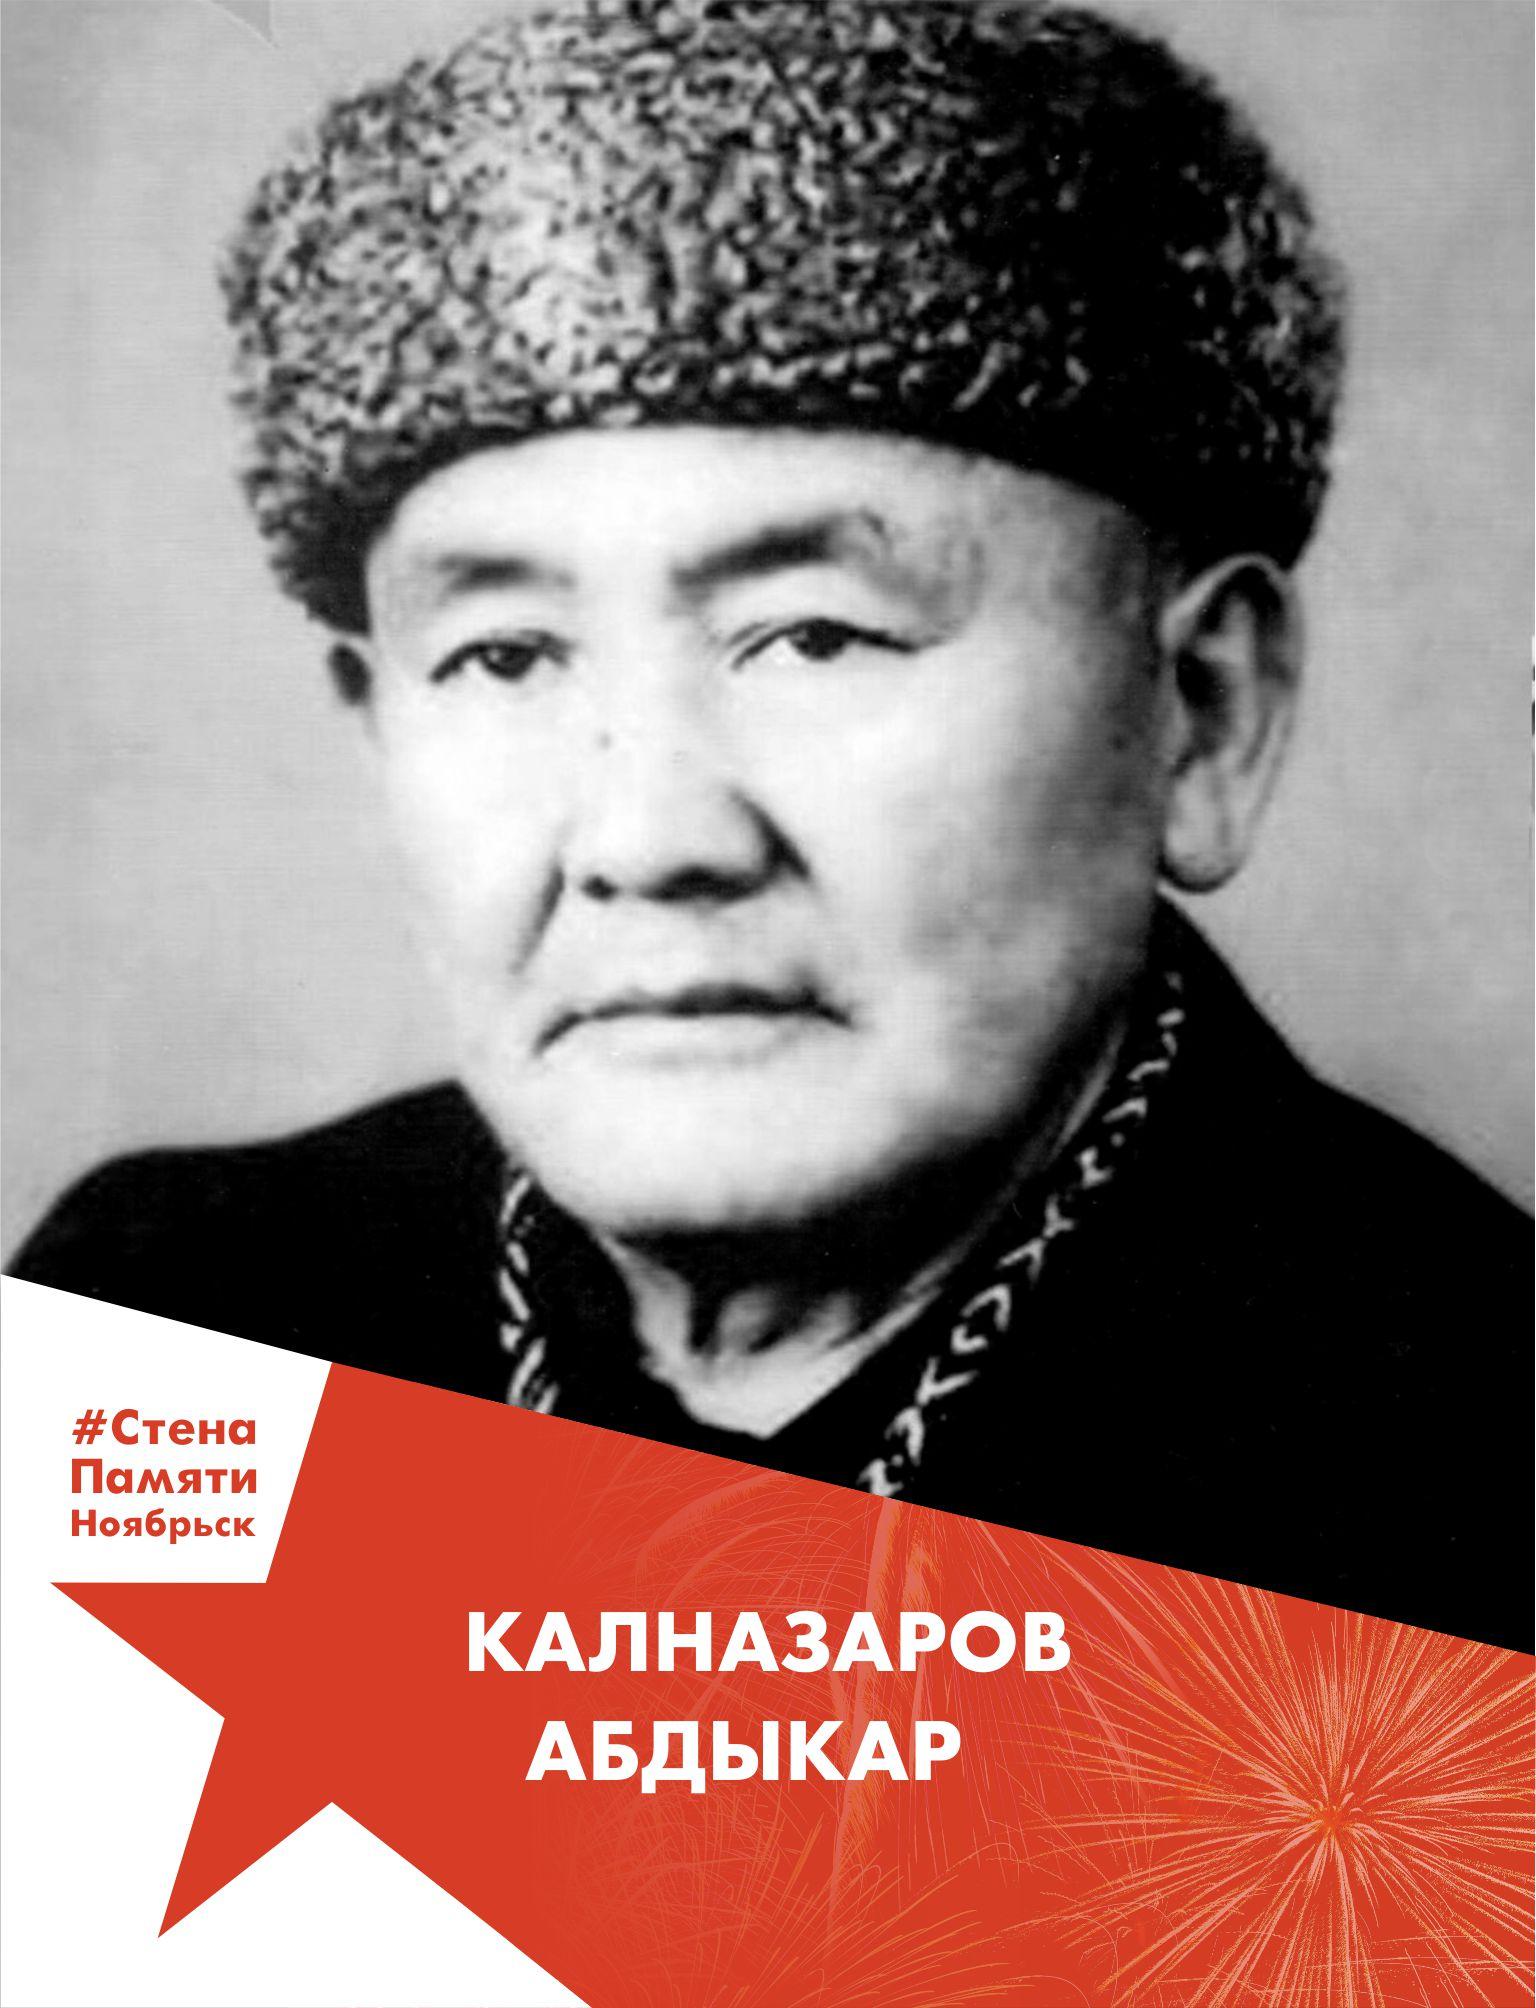 Калназаров Абдыкар